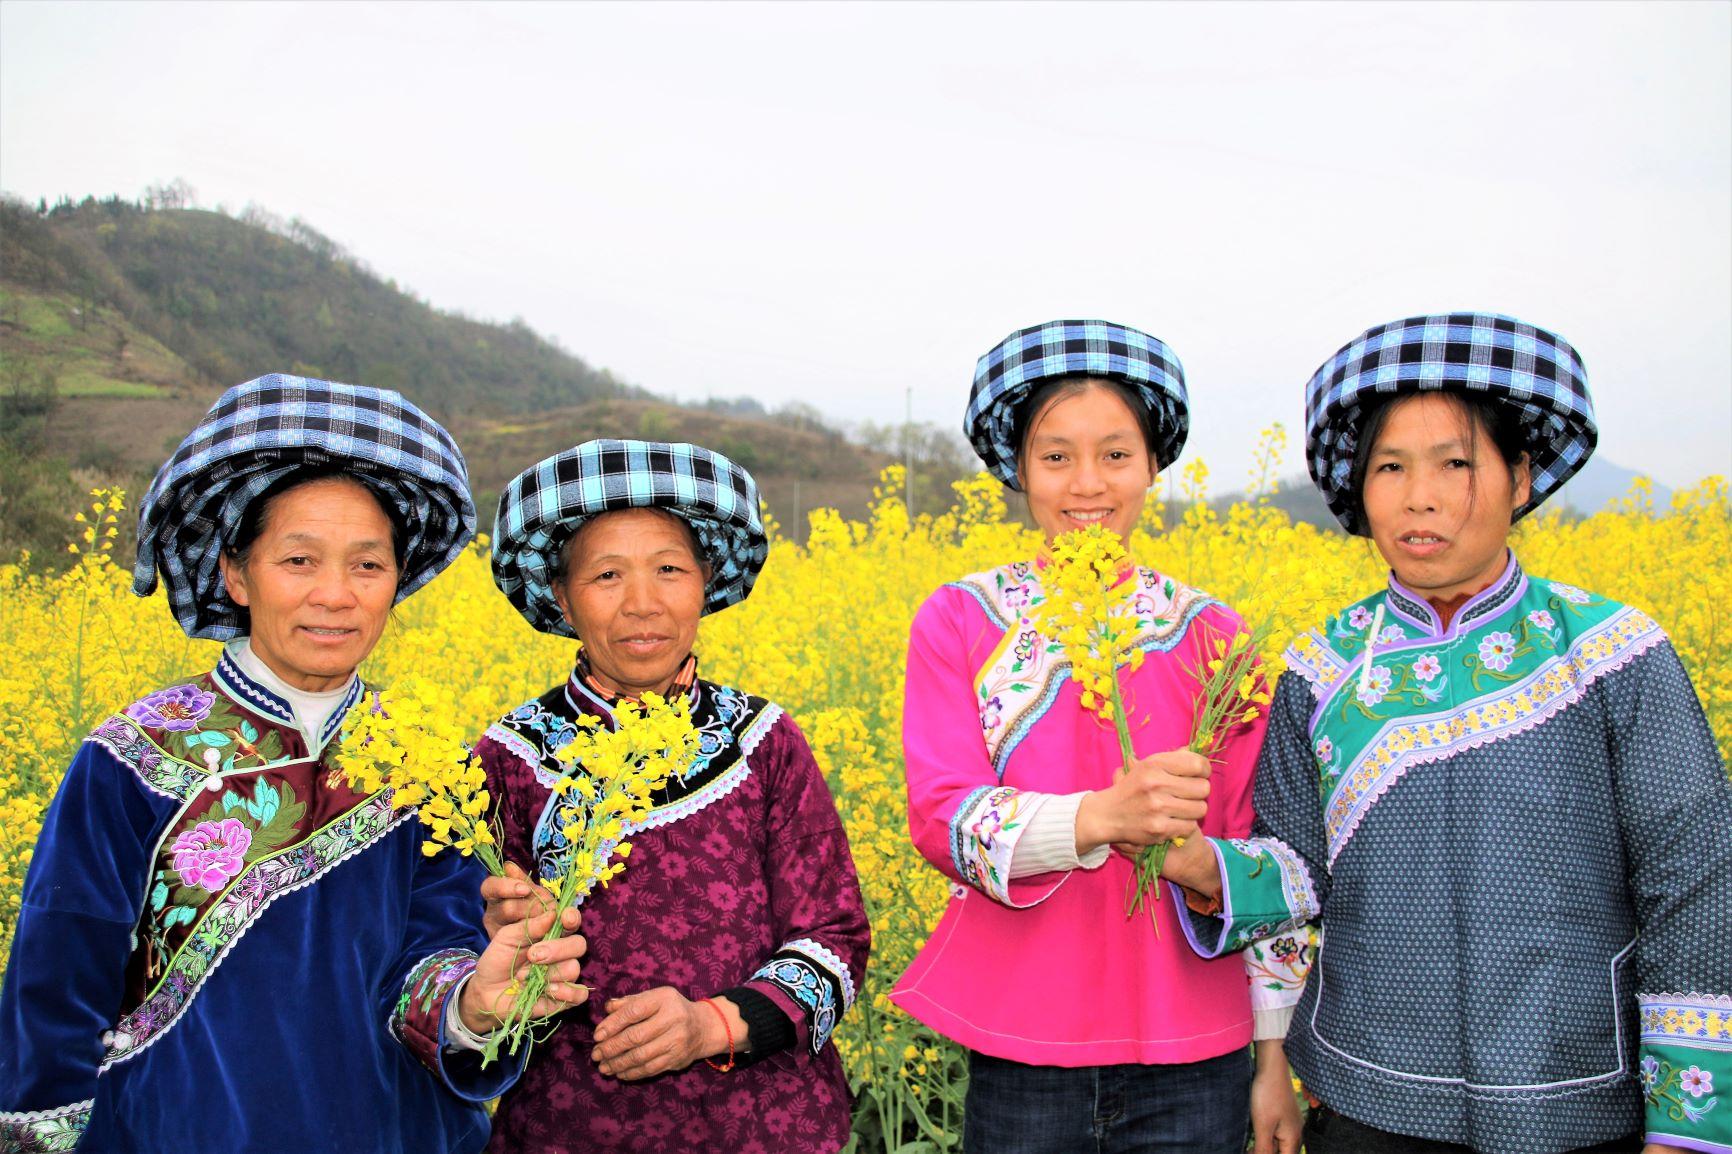 雷涛-06布依族员工畅游油菜田